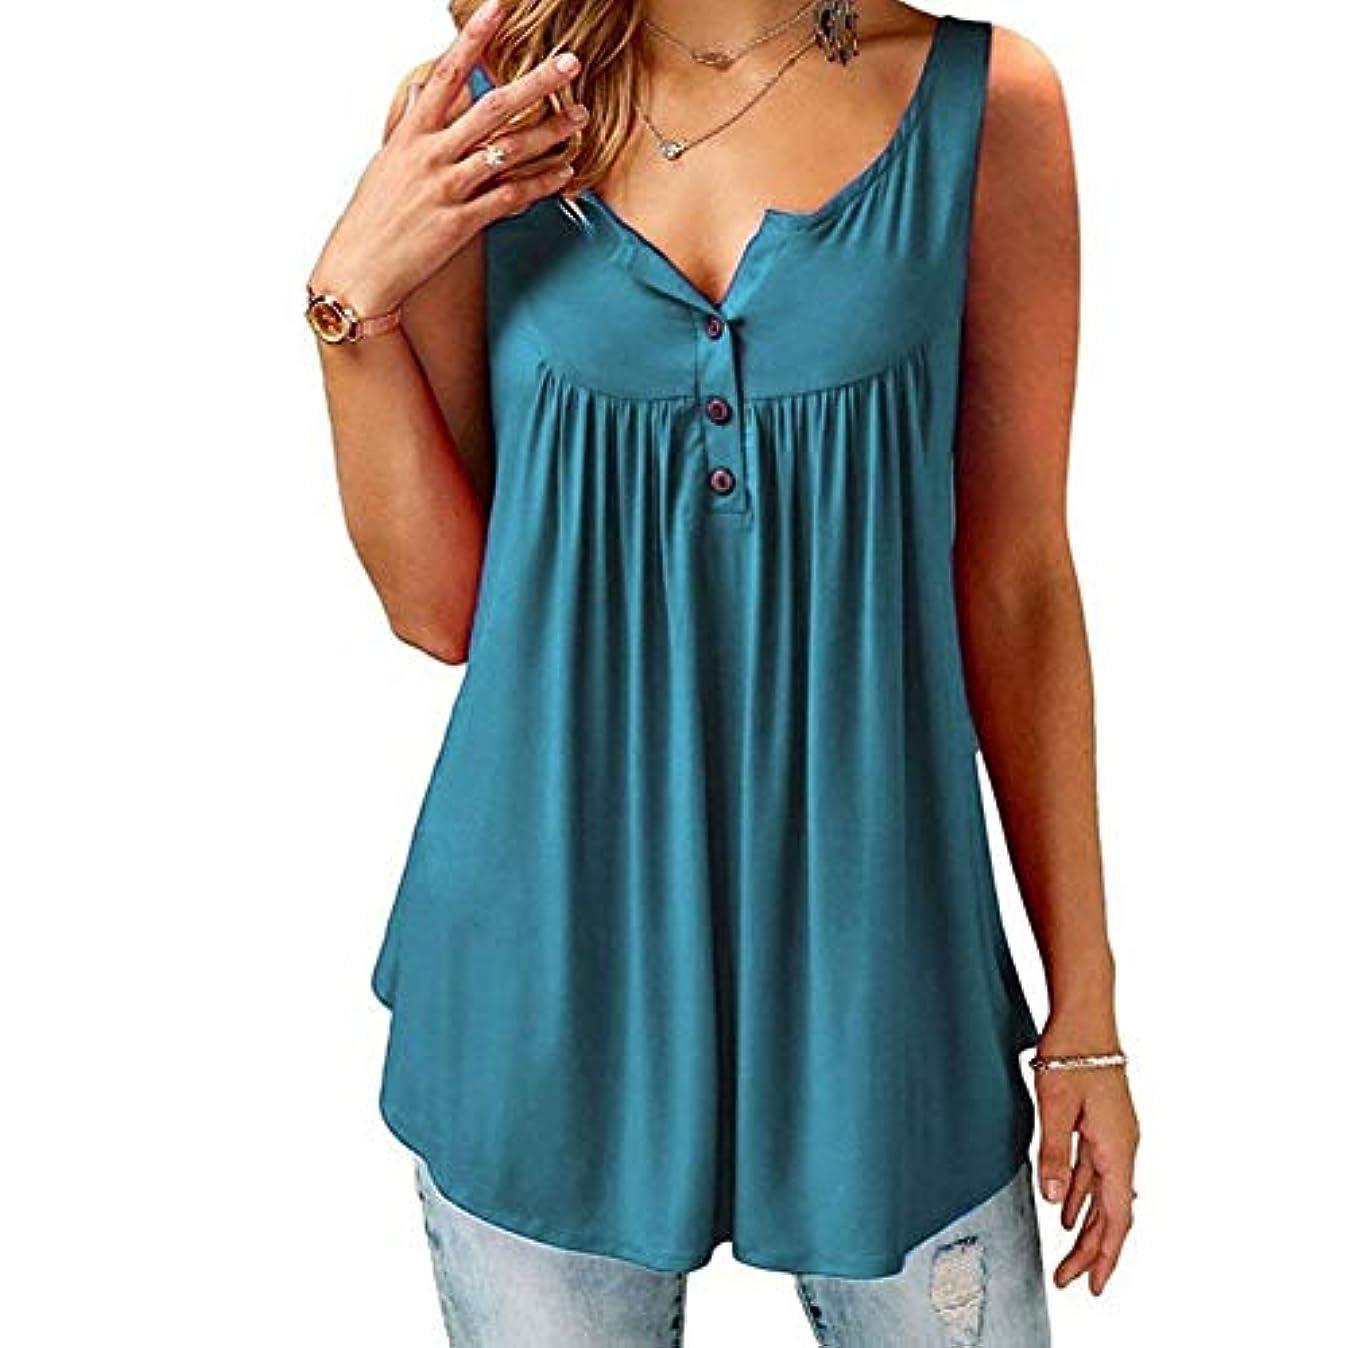 使い込む調停者送信するMIFAN の女性のドレスカジュアルな不規則なドレスルースサマービーチTシャツドレス